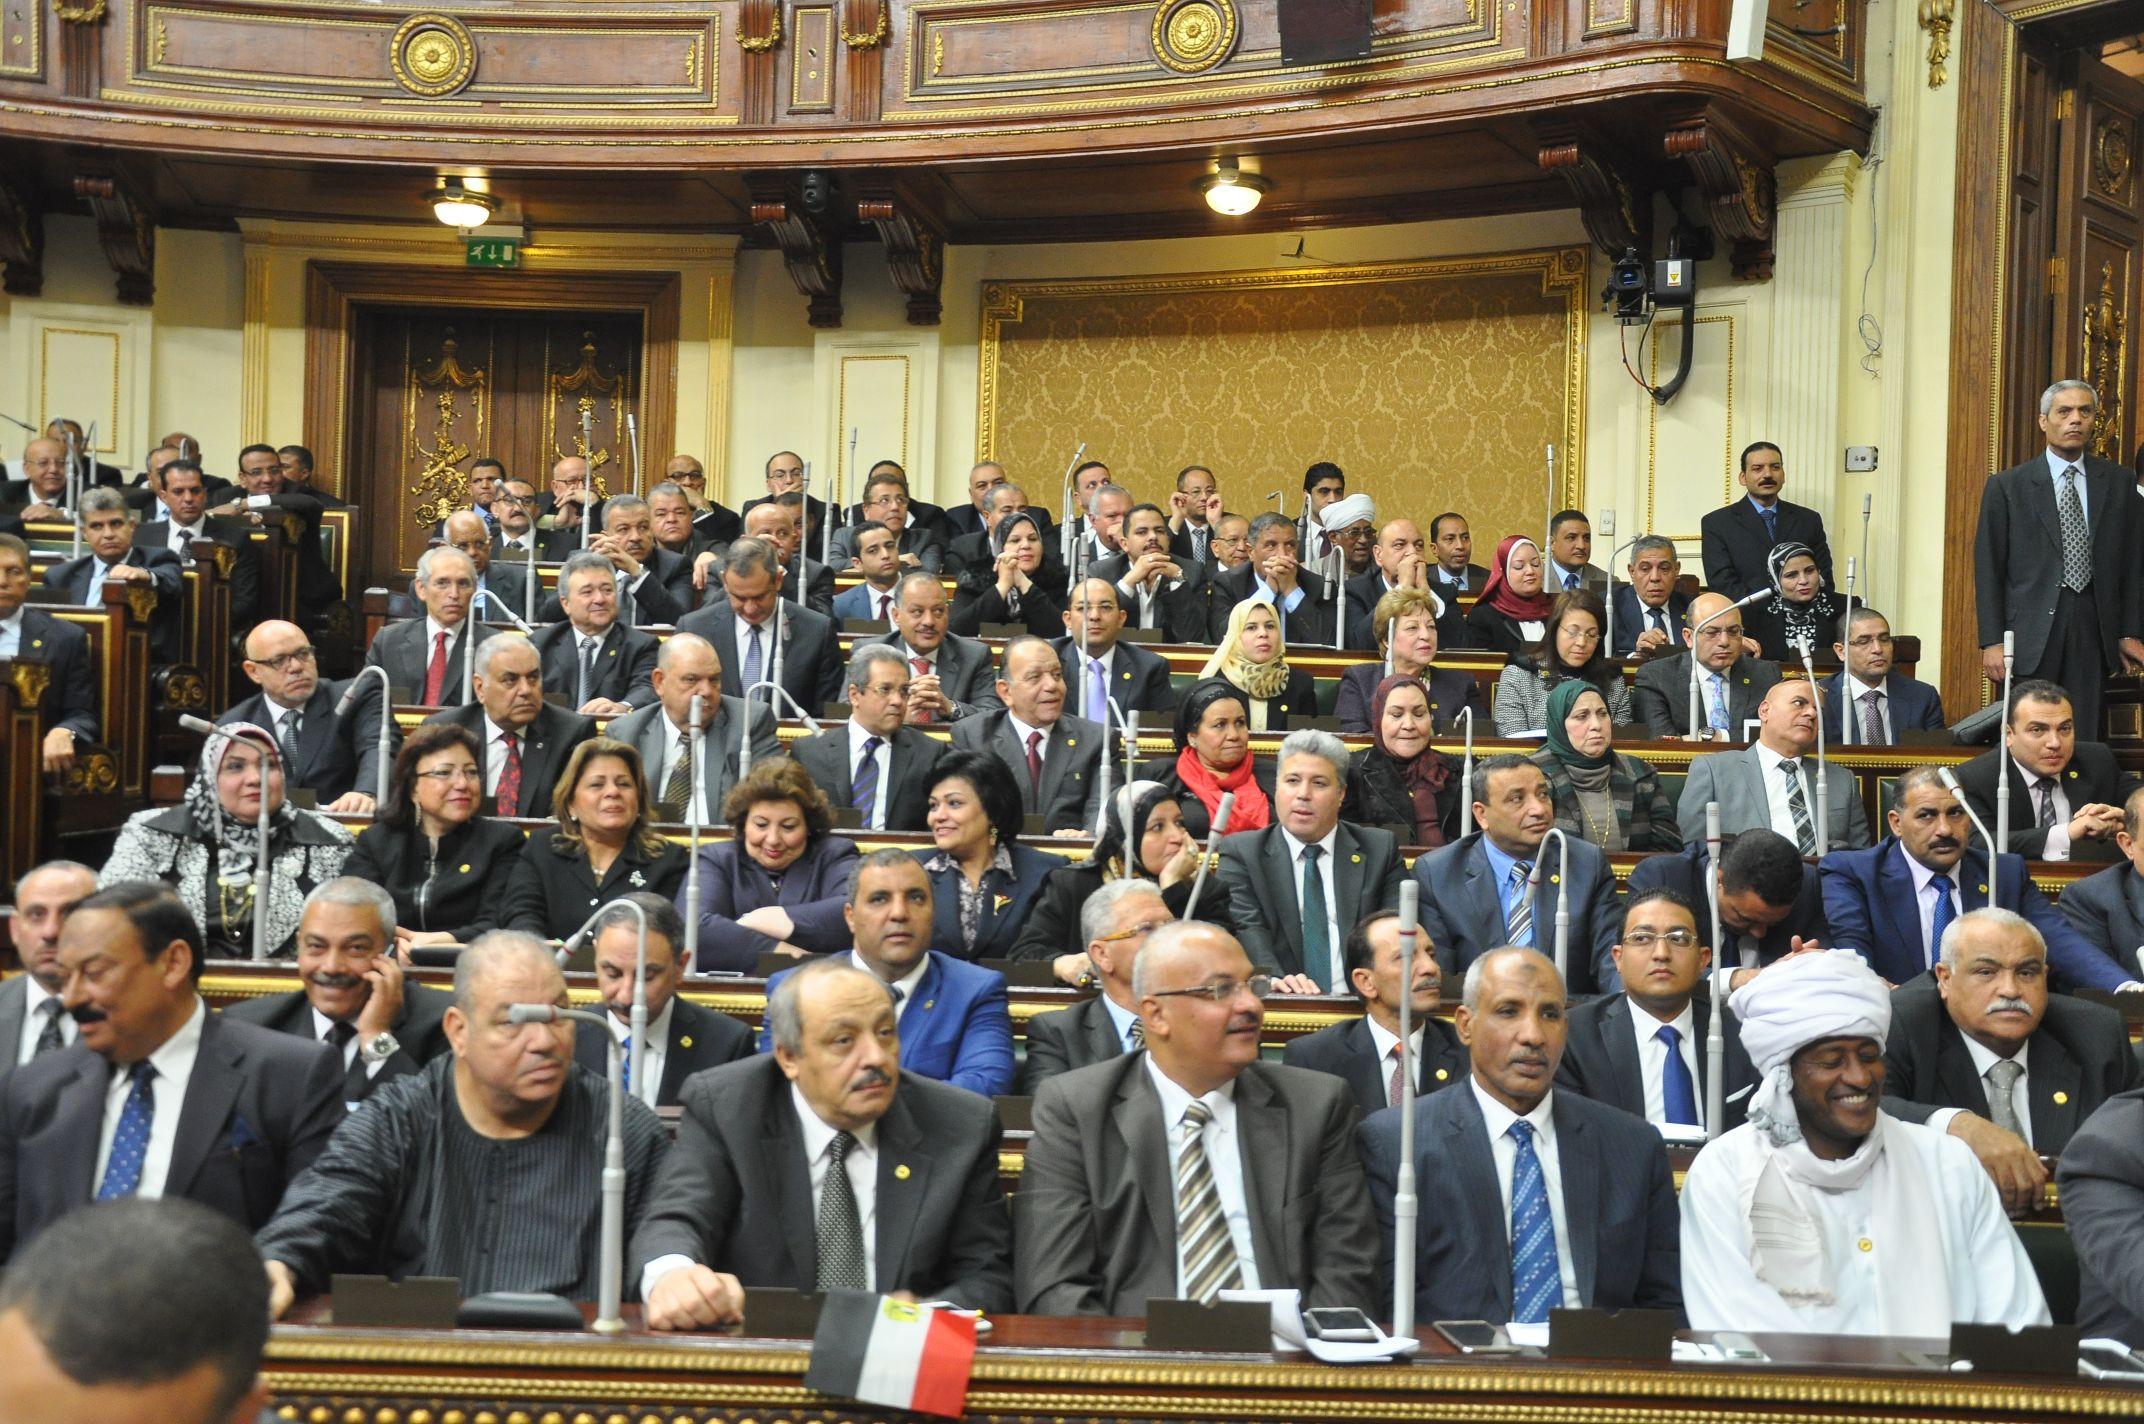 مجلس النواب يرفض قانوني تنظيم الطعن على عقود الدولة والثروة المعدنية